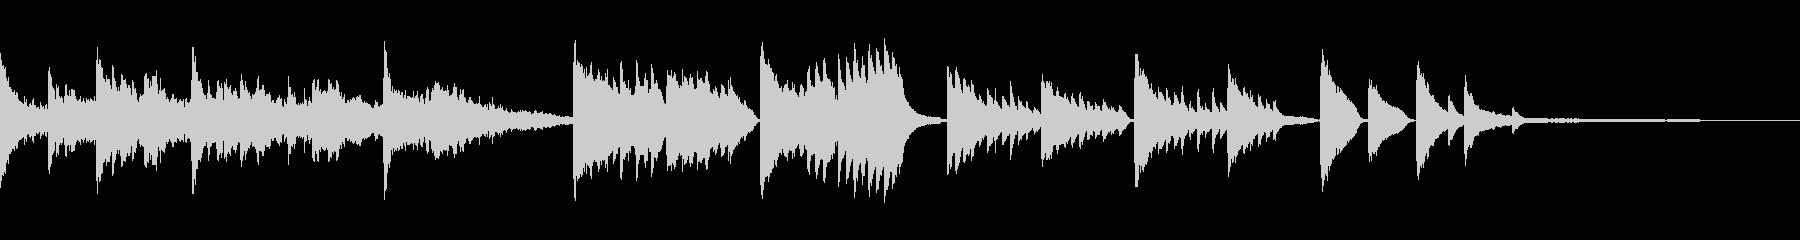 神秘的なサウンドトラックの未再生の波形